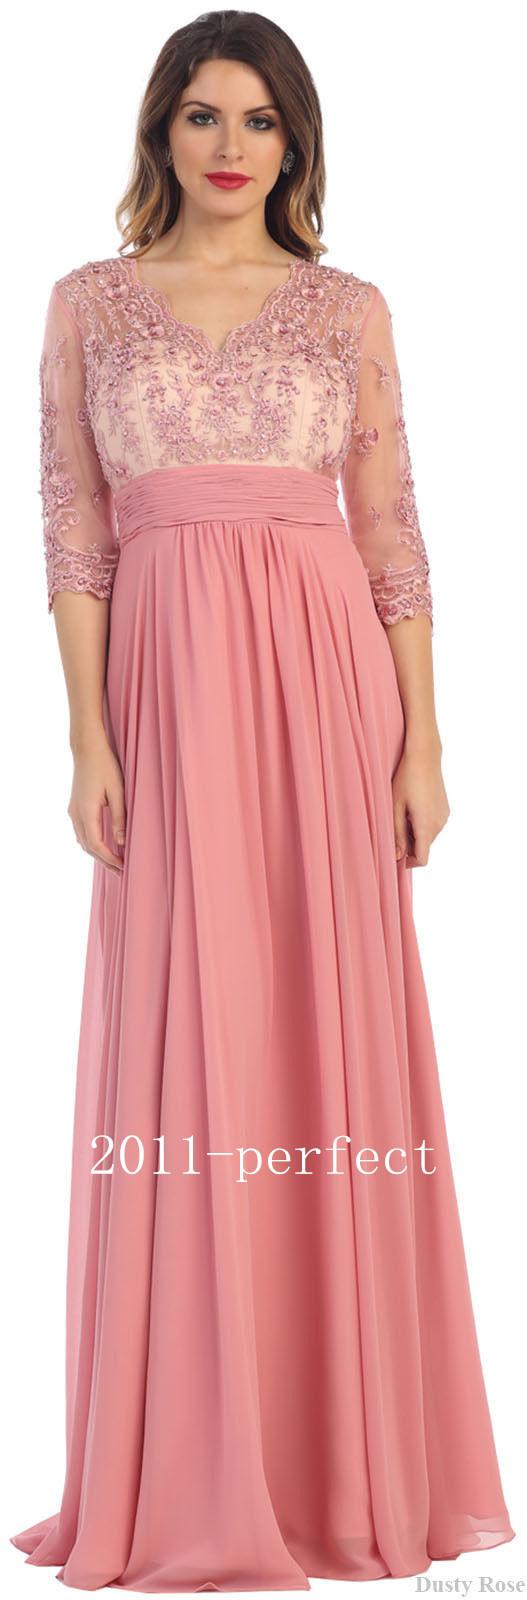 Moderno Vestidos De Madre De La Novia Festooning - Colección del ...